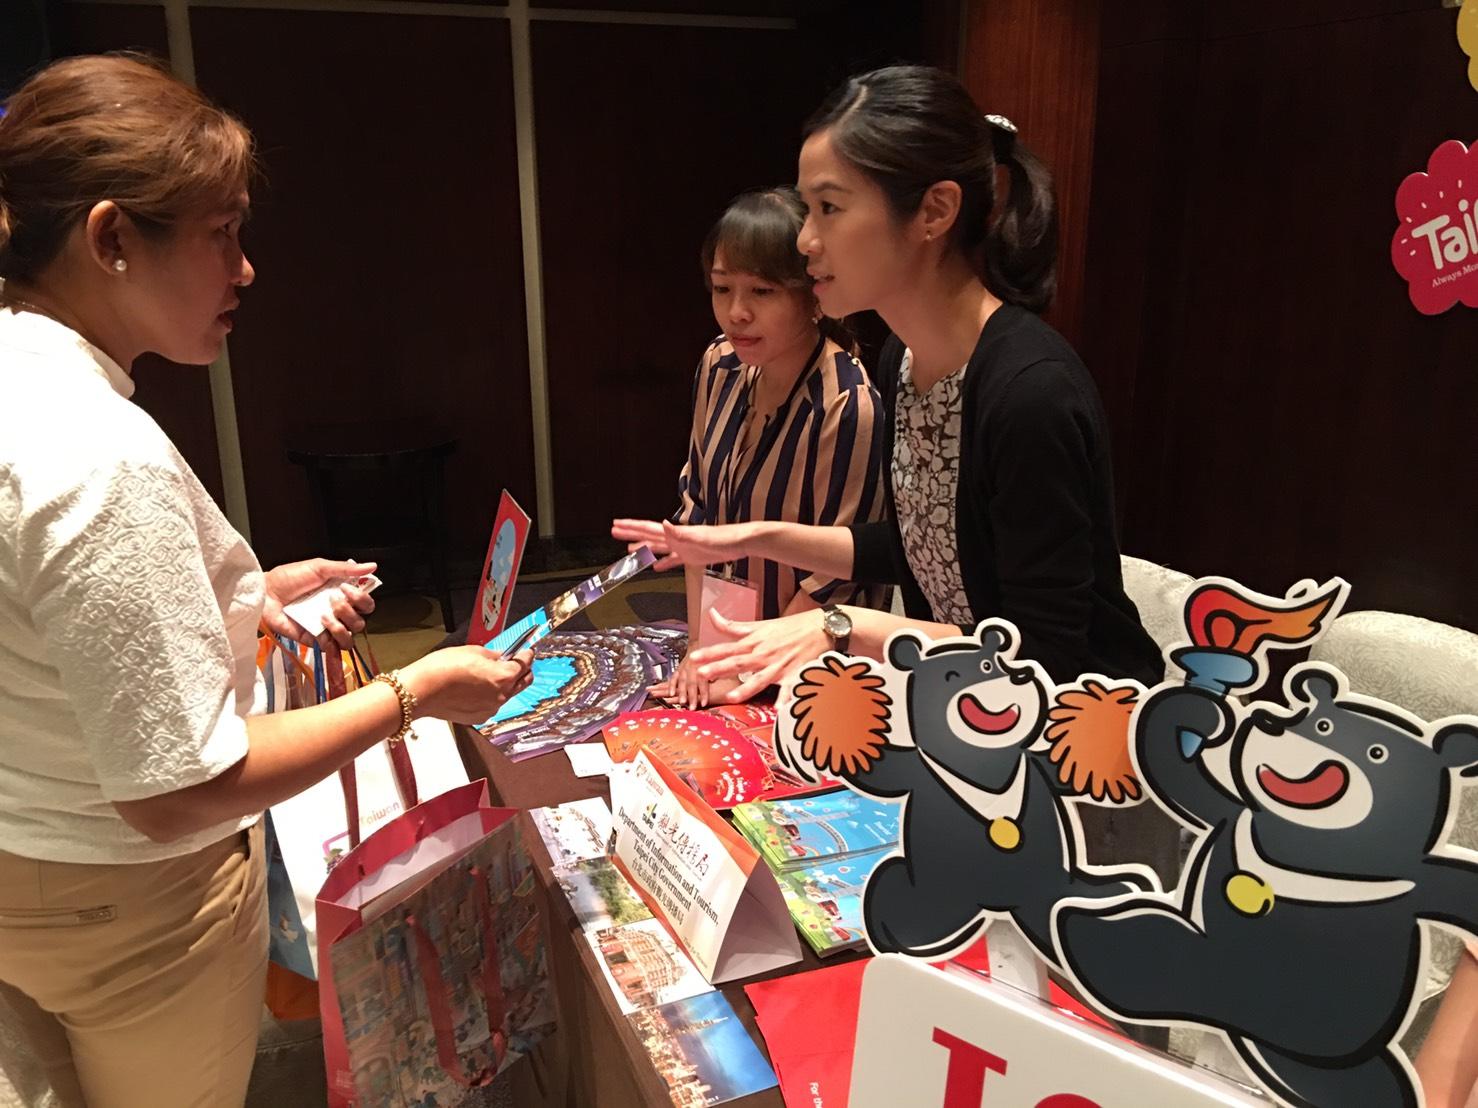 臺北市觀光傳播局首度前進菲律賓參加觀光推廣會,介紹臺北的觀光資源。